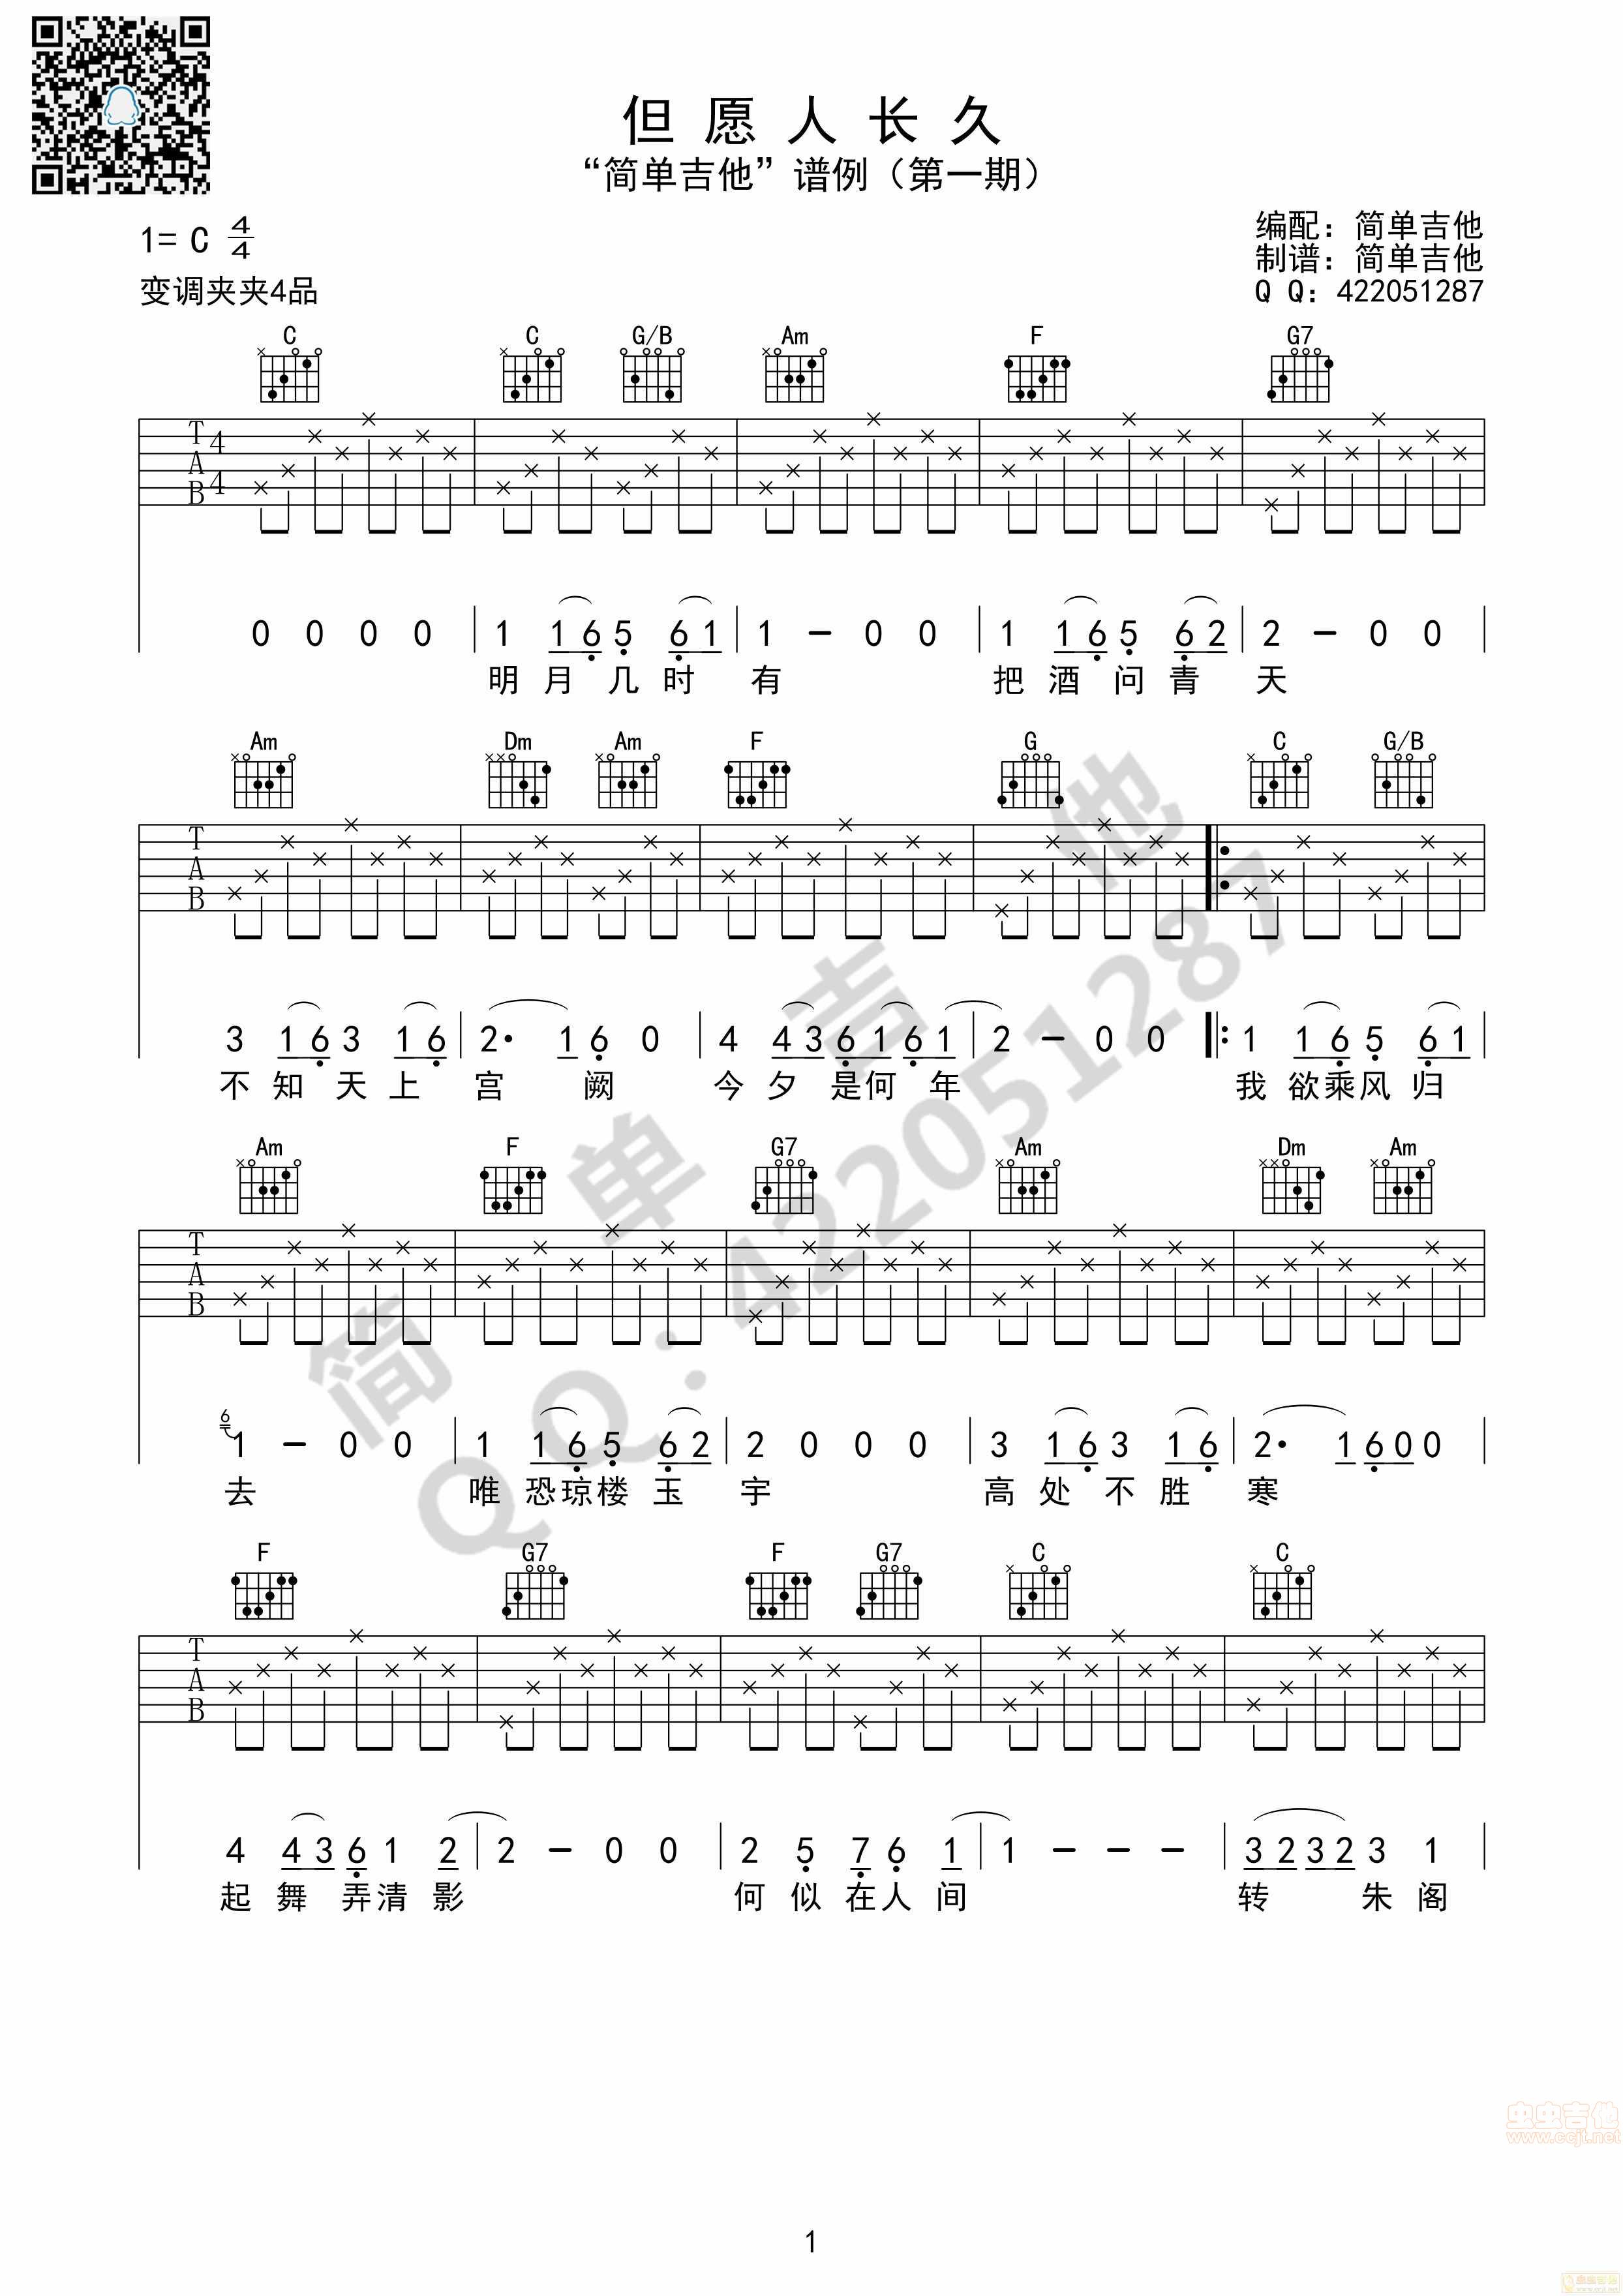 但愿人长久-王菲(简单吉他)-吉他谱(吉他曲)-王菲-谱